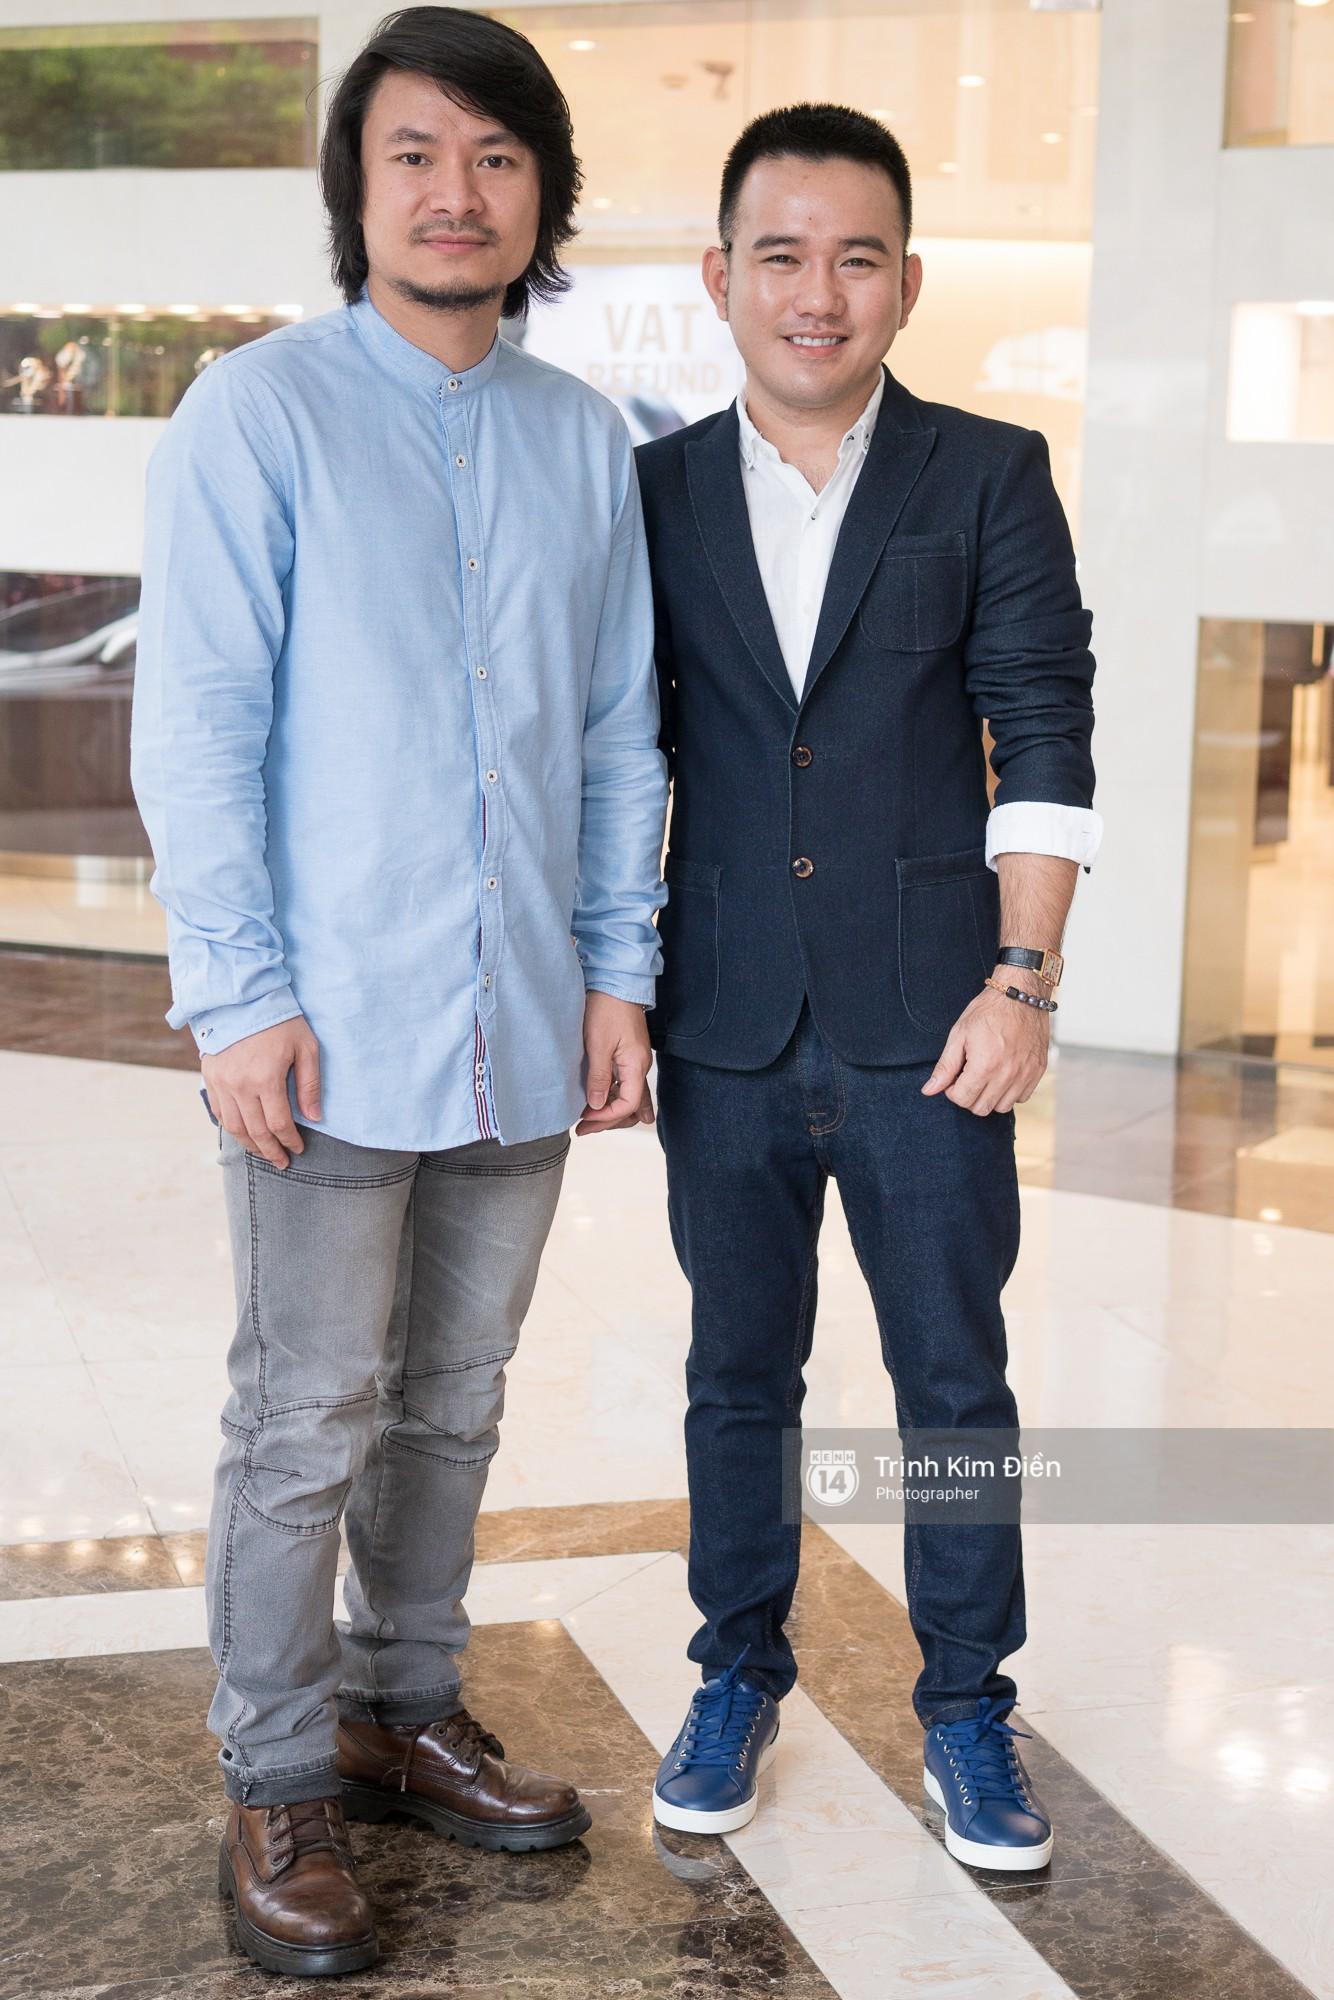 Hoa Hậu Việt Nam 2018: BGK lần đầu lộ diện trong sự kiện họp báo - Ảnh 10.